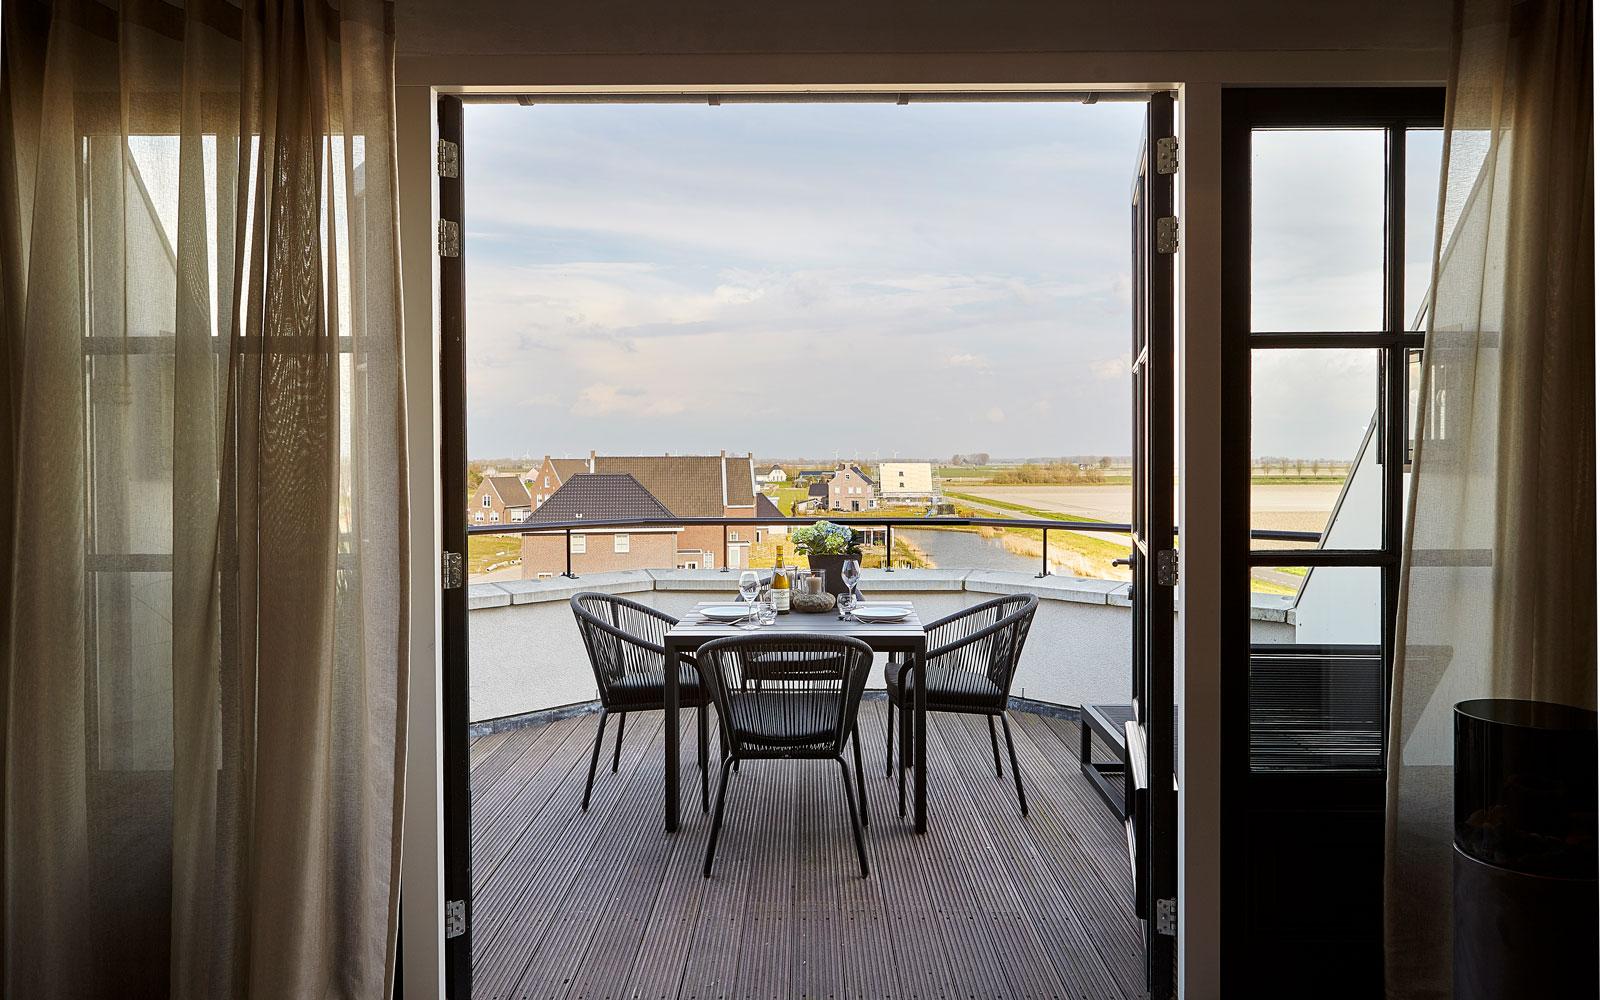 Dakterras, tuinmeubelen, Borek, uitzicht, buitenkeuken, penthouse, Eric Kant